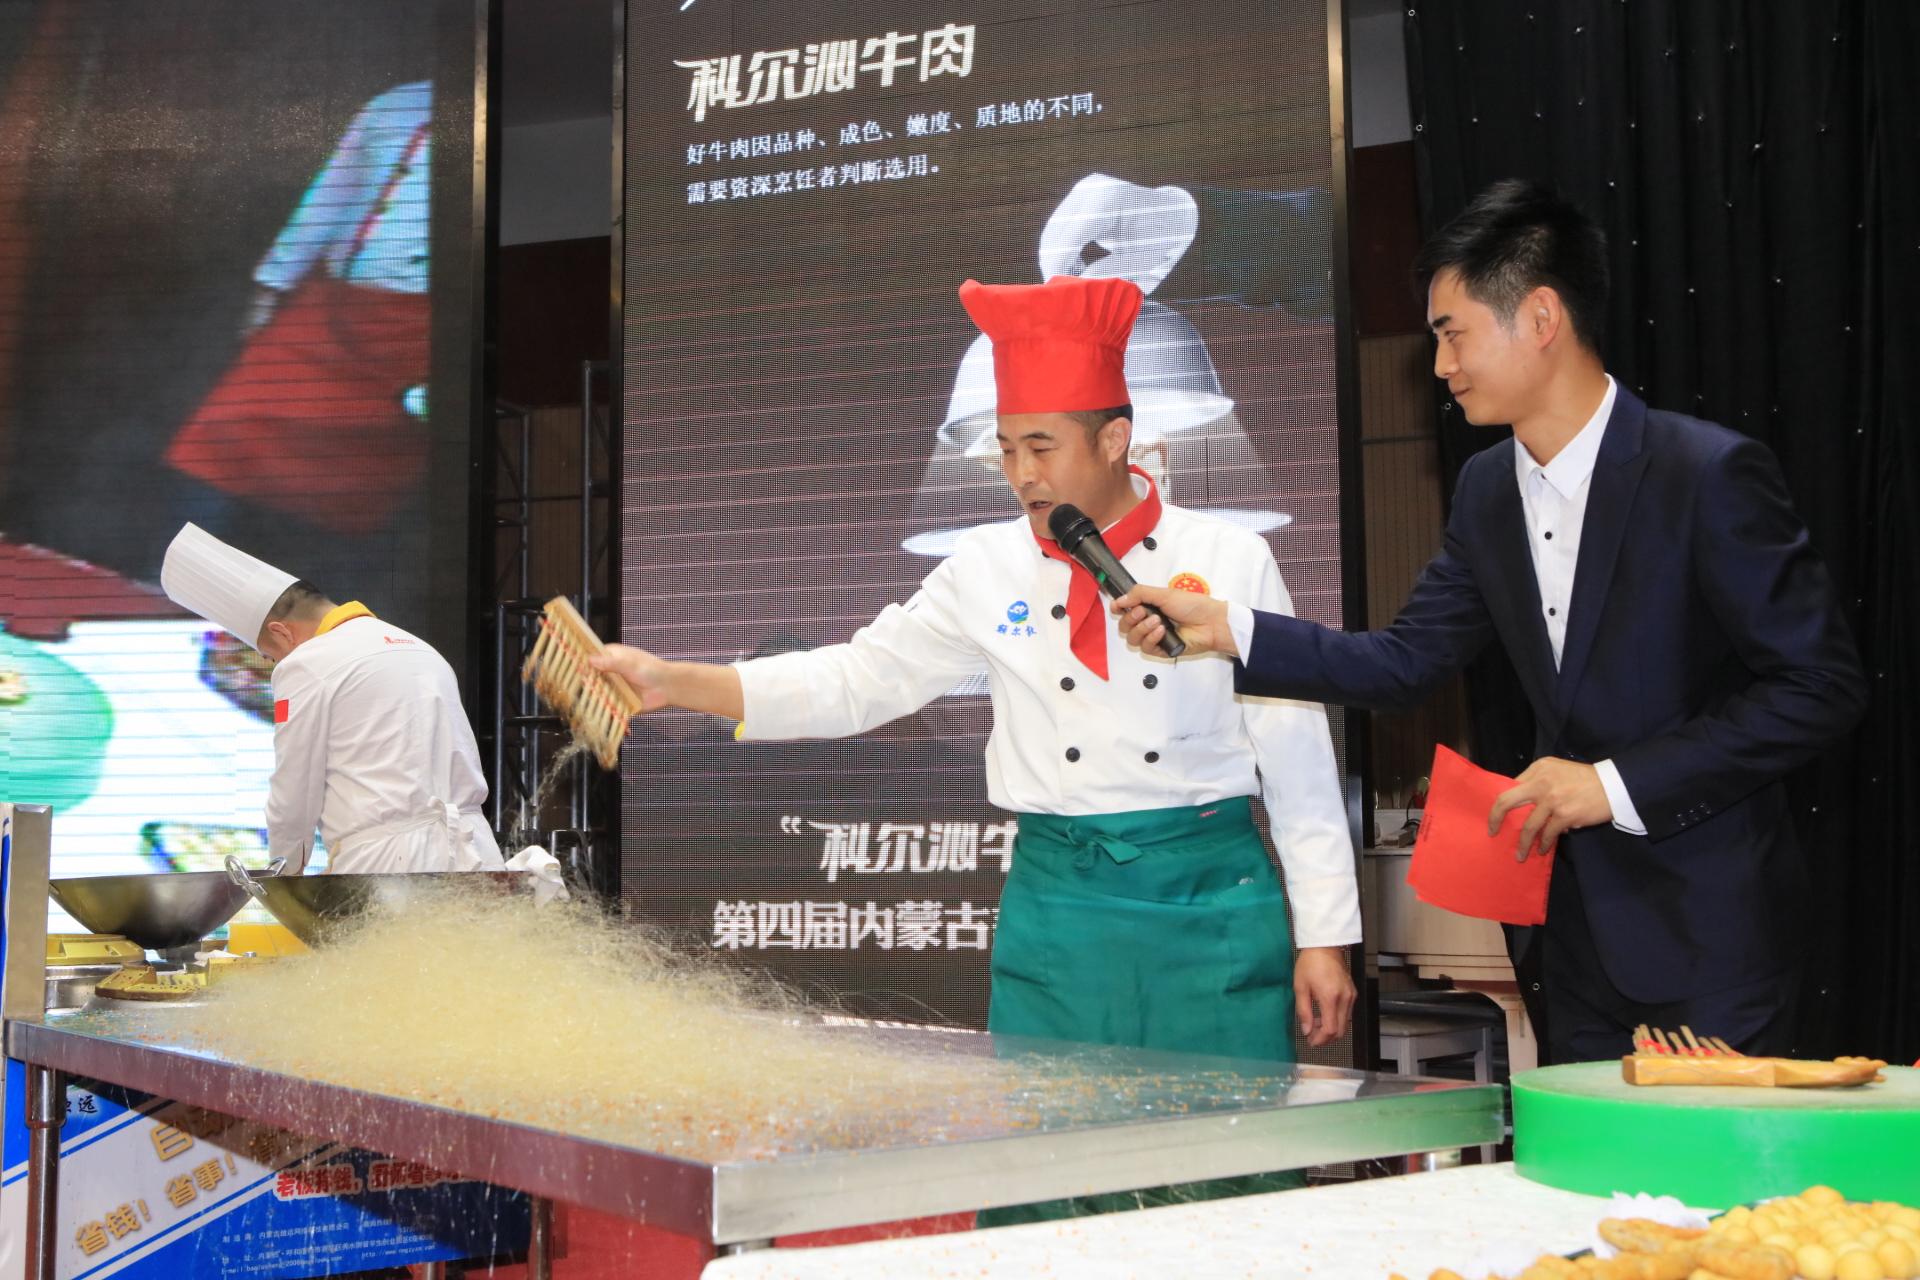 振兴蒙餐 独具匠心——内蒙古84家餐饮企业摘得12项桂冠